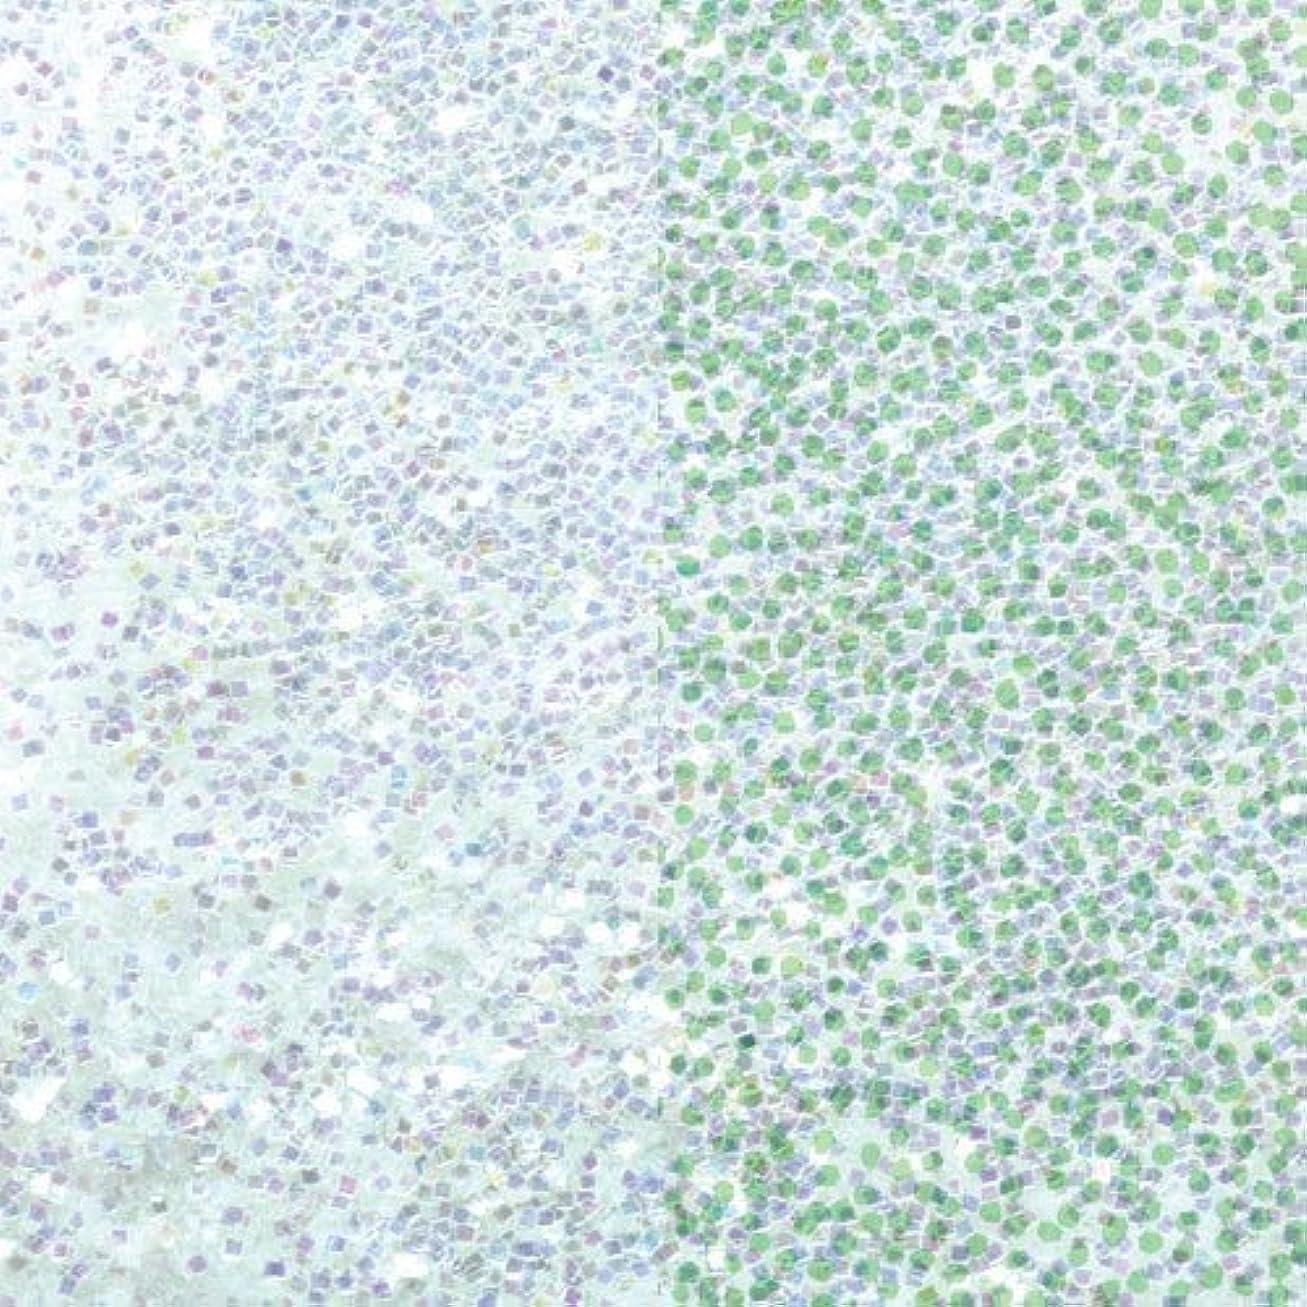 咲くあざ新着ピカエース ネイル用パウダー ラメオーロラ 耐溶剤 S #631 Wグリーン 1g